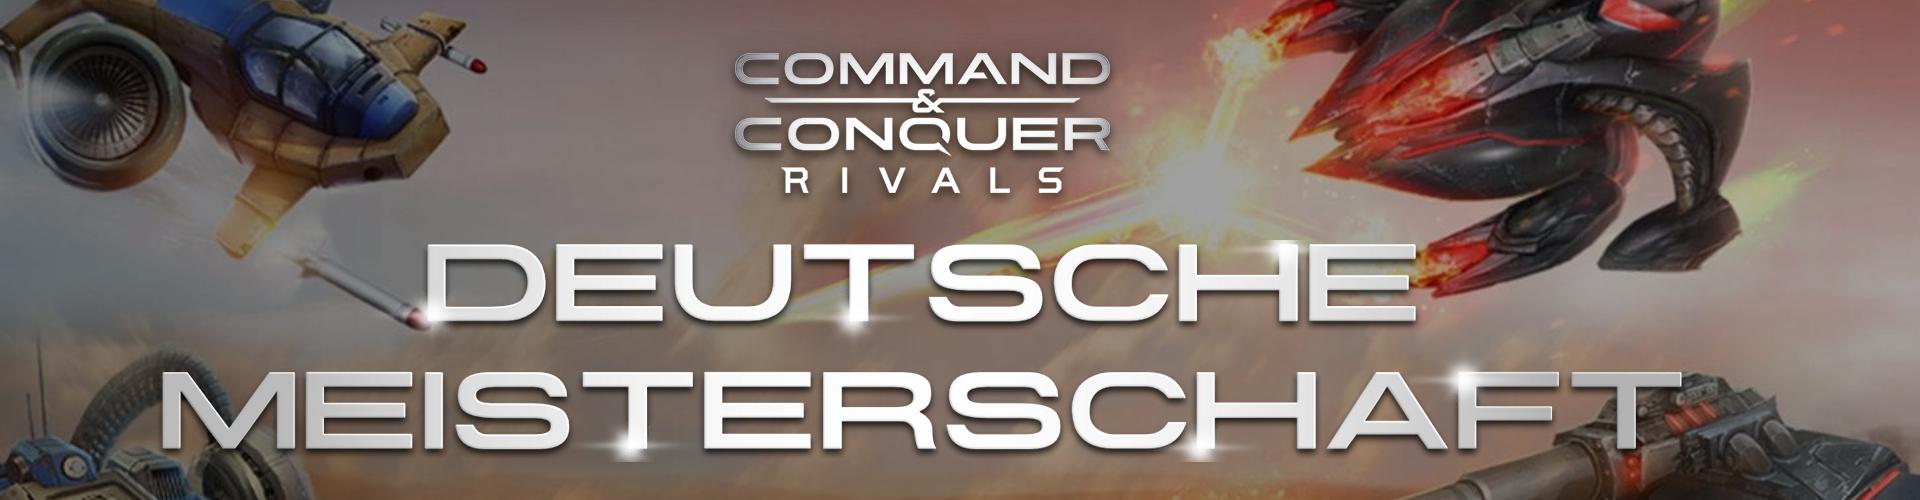 rivalschampionship big Finale der deutschen Meisterschaft am Sonntag!